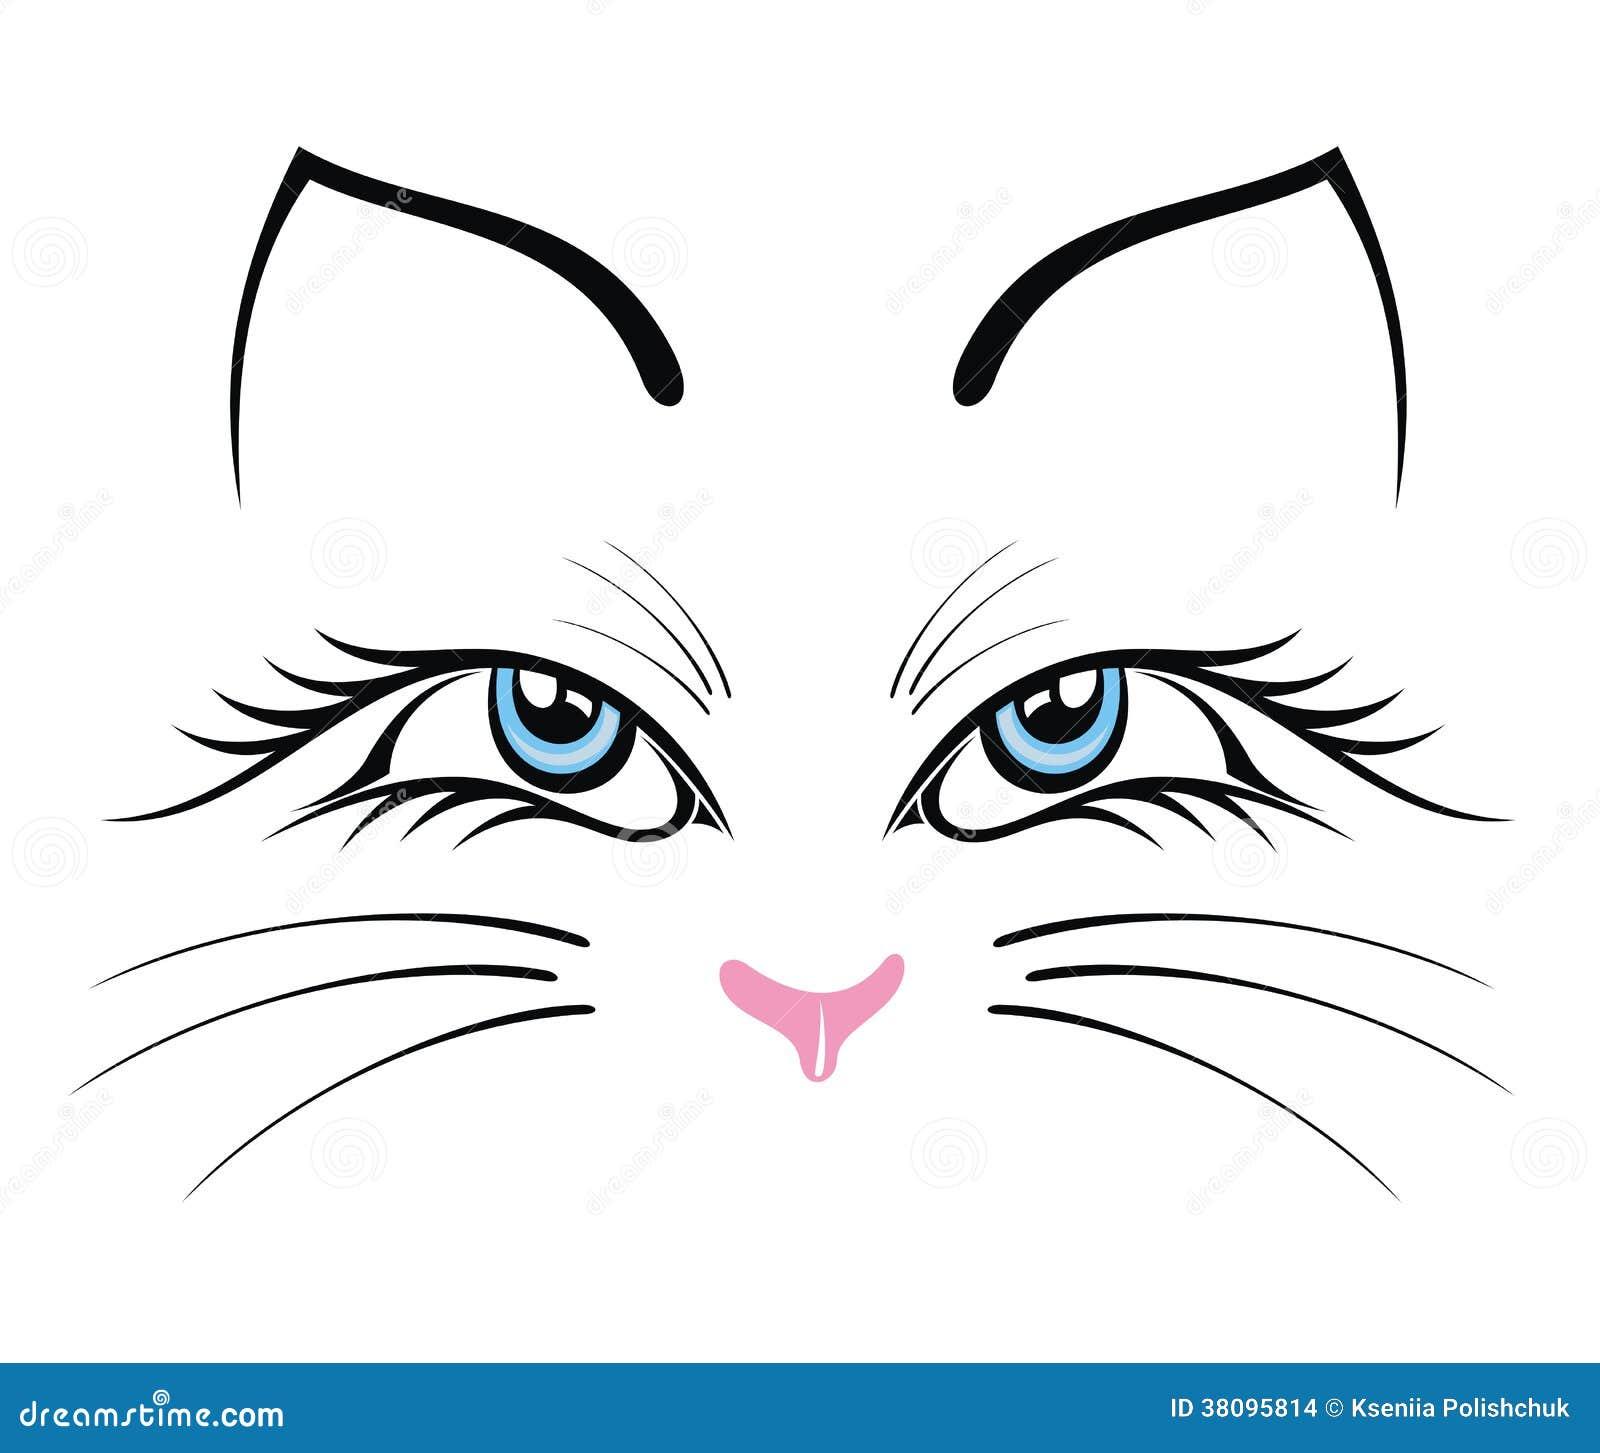 Dessins de chats stylis s galerie tatouage - Symbolique du chat ...